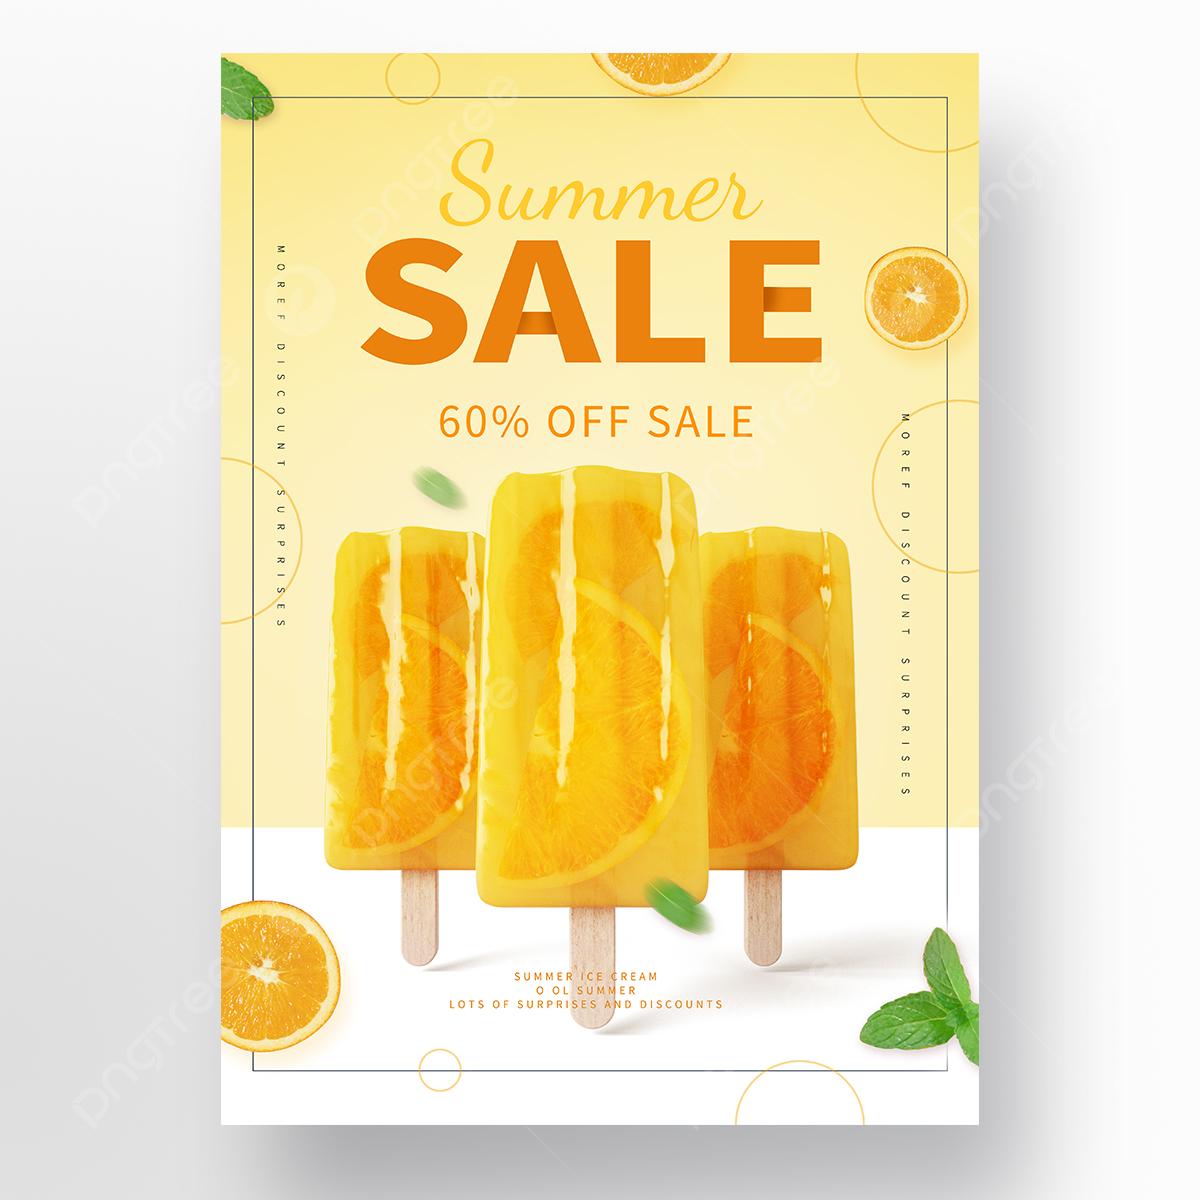 Poster Promosi Es Krim Jeruk Popsicle Segar Musim Panas Templat Untuk Unduh Gratis Di Pngtree